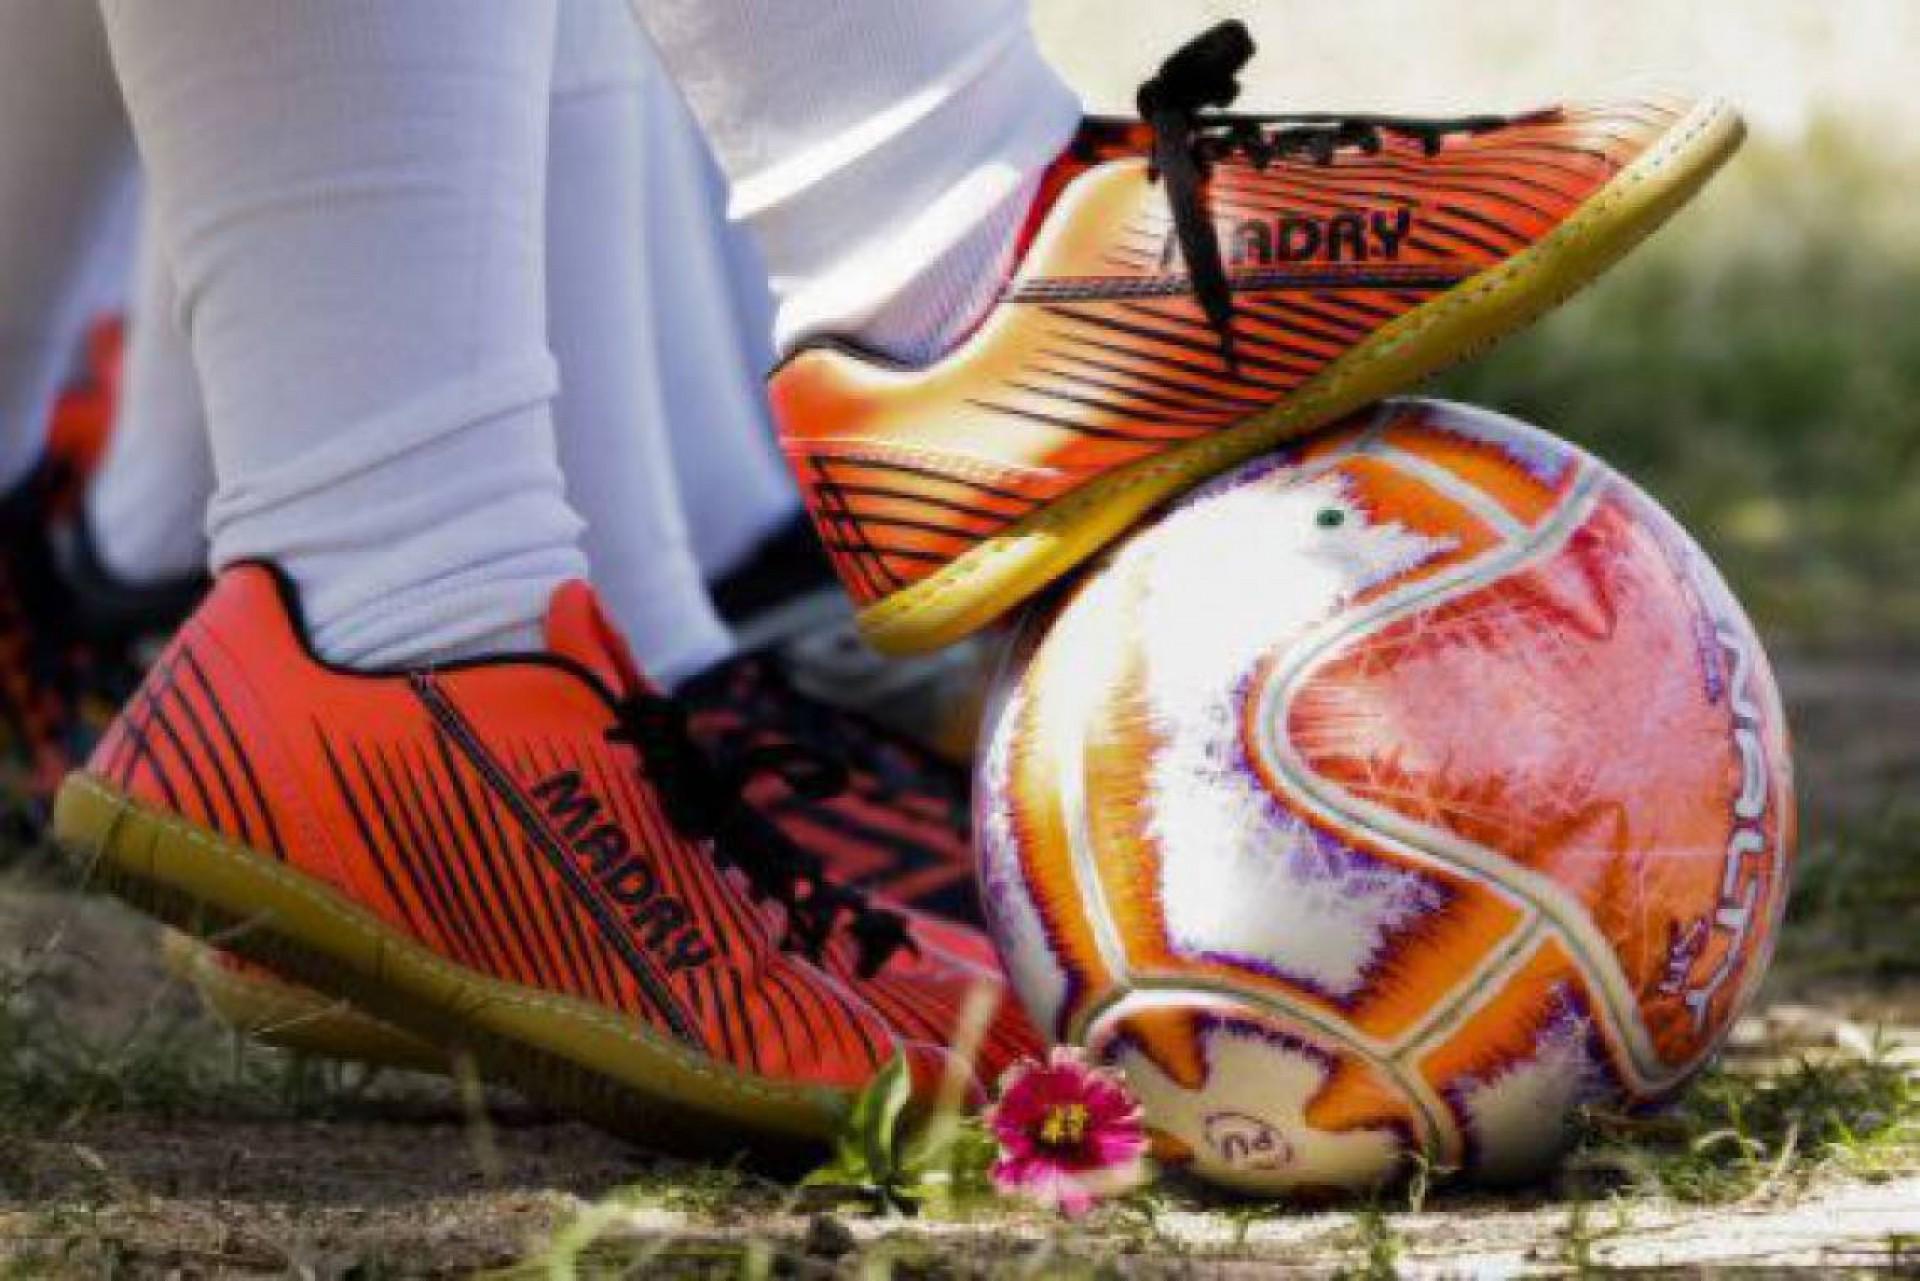 Confira a lista dos times de futebol e que horas jogam hoje, sábado, 28 de novembro (28/11)